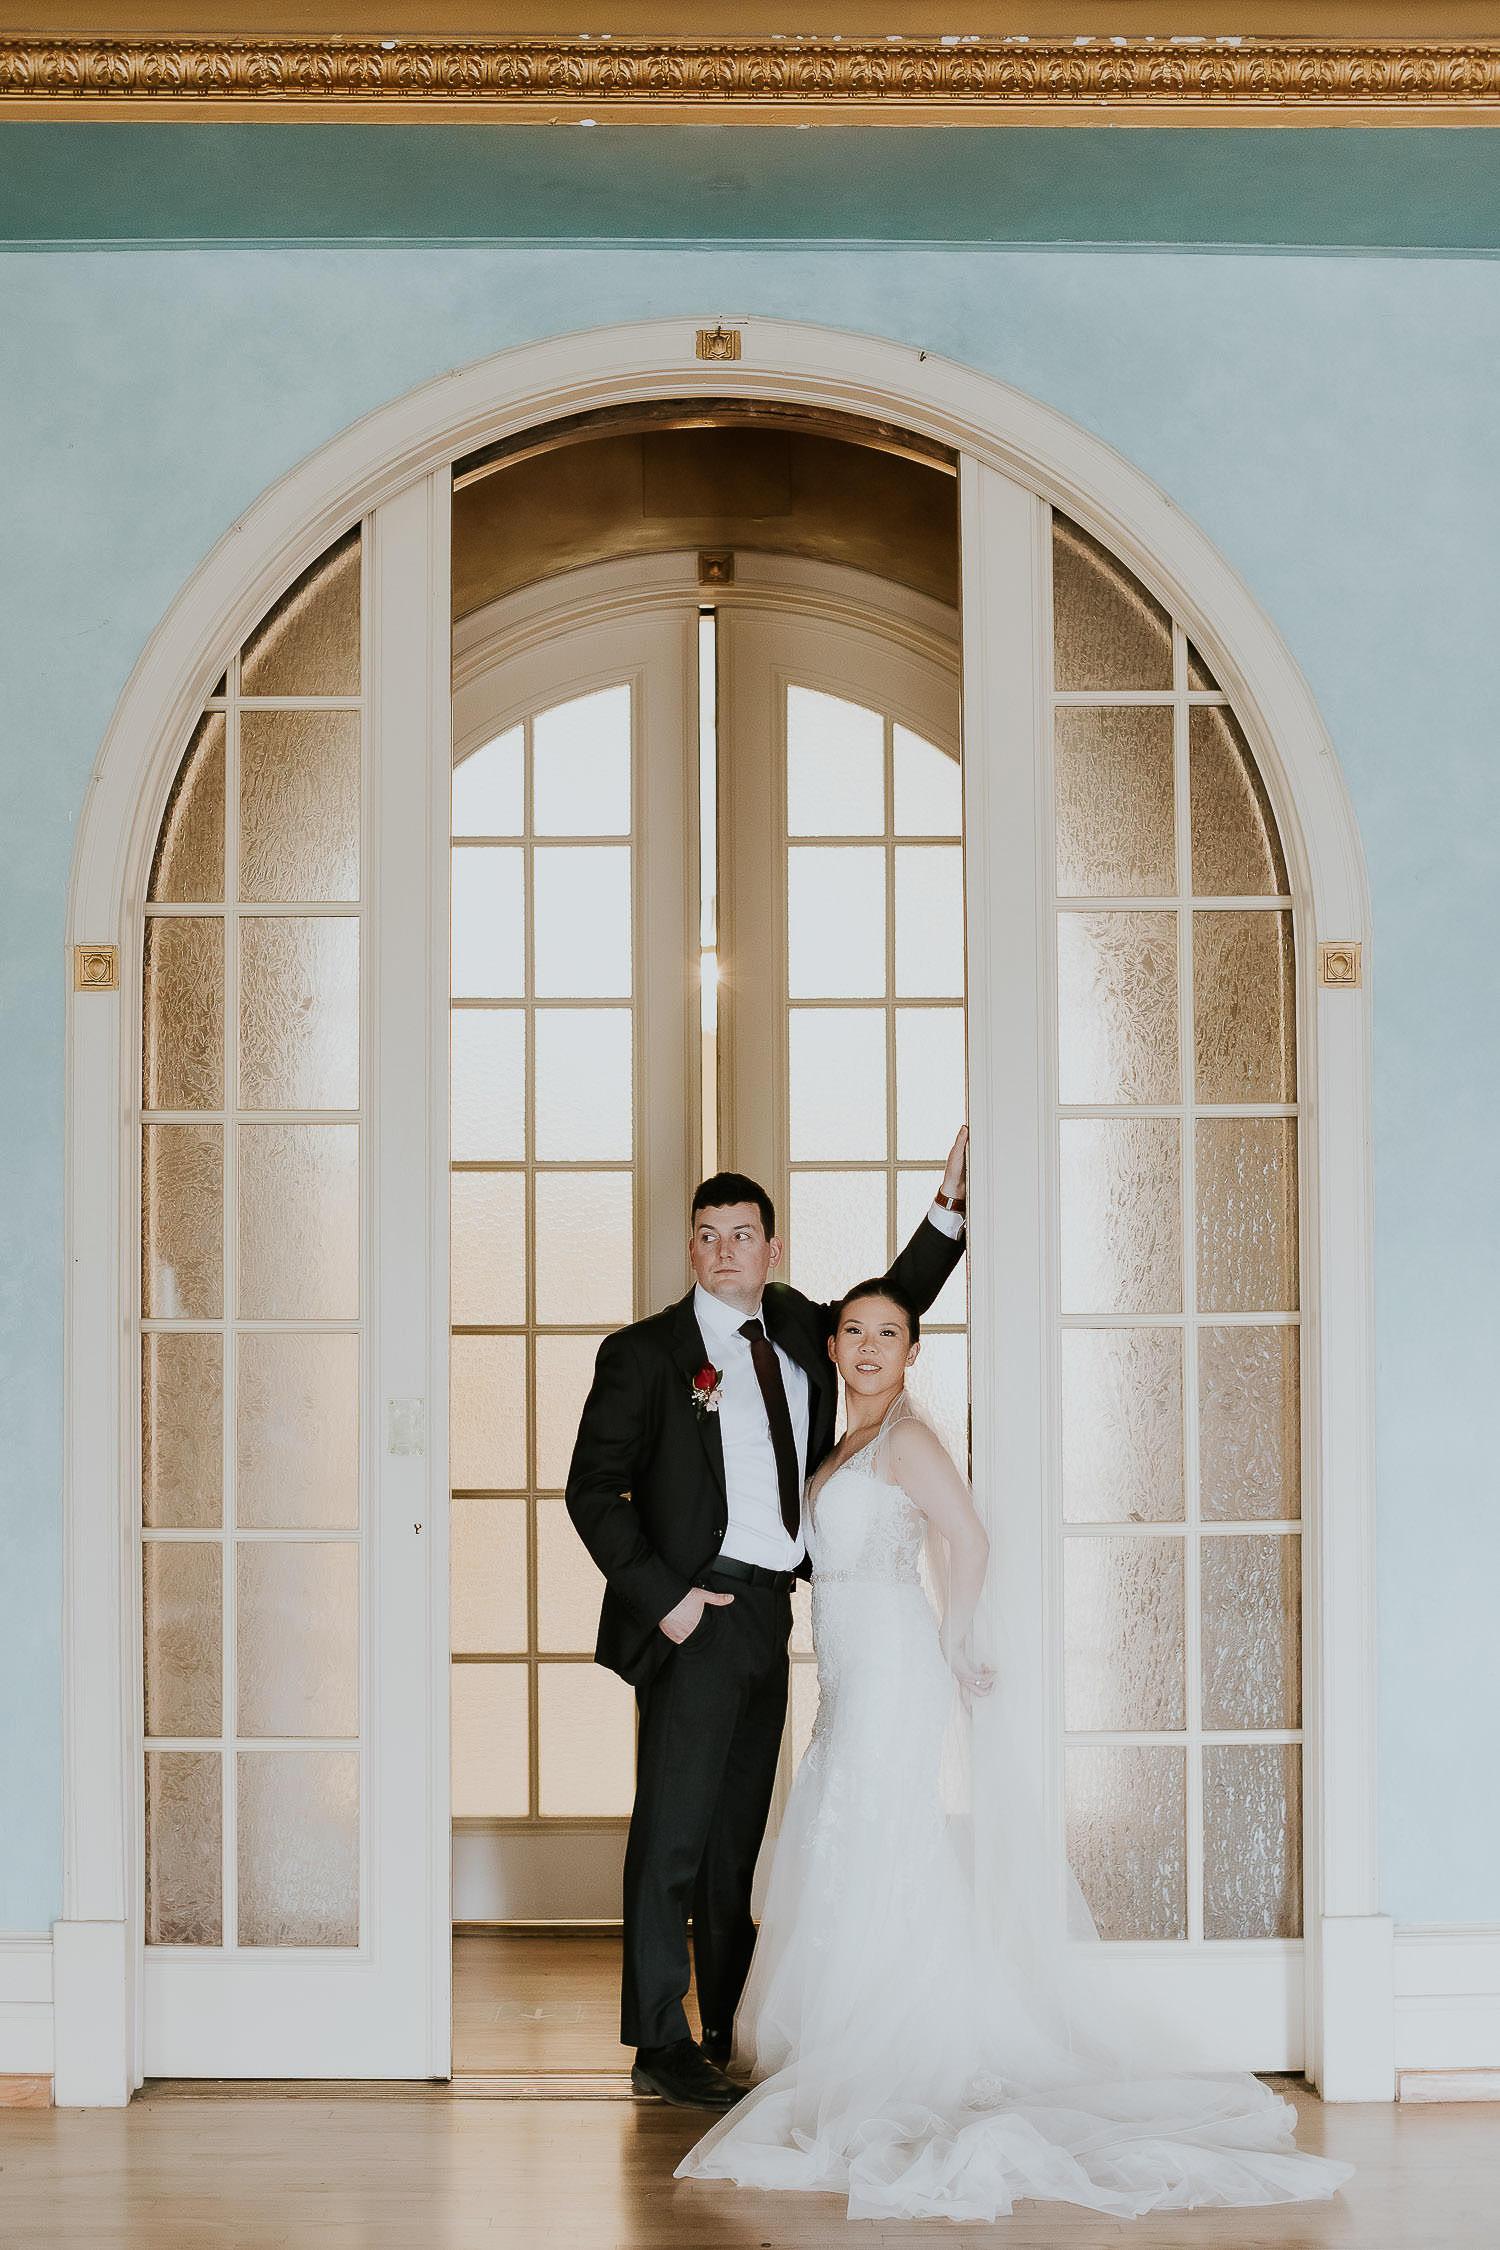 intimate-wedding-at-banff-springs-hotel-sarah-pukin-0210